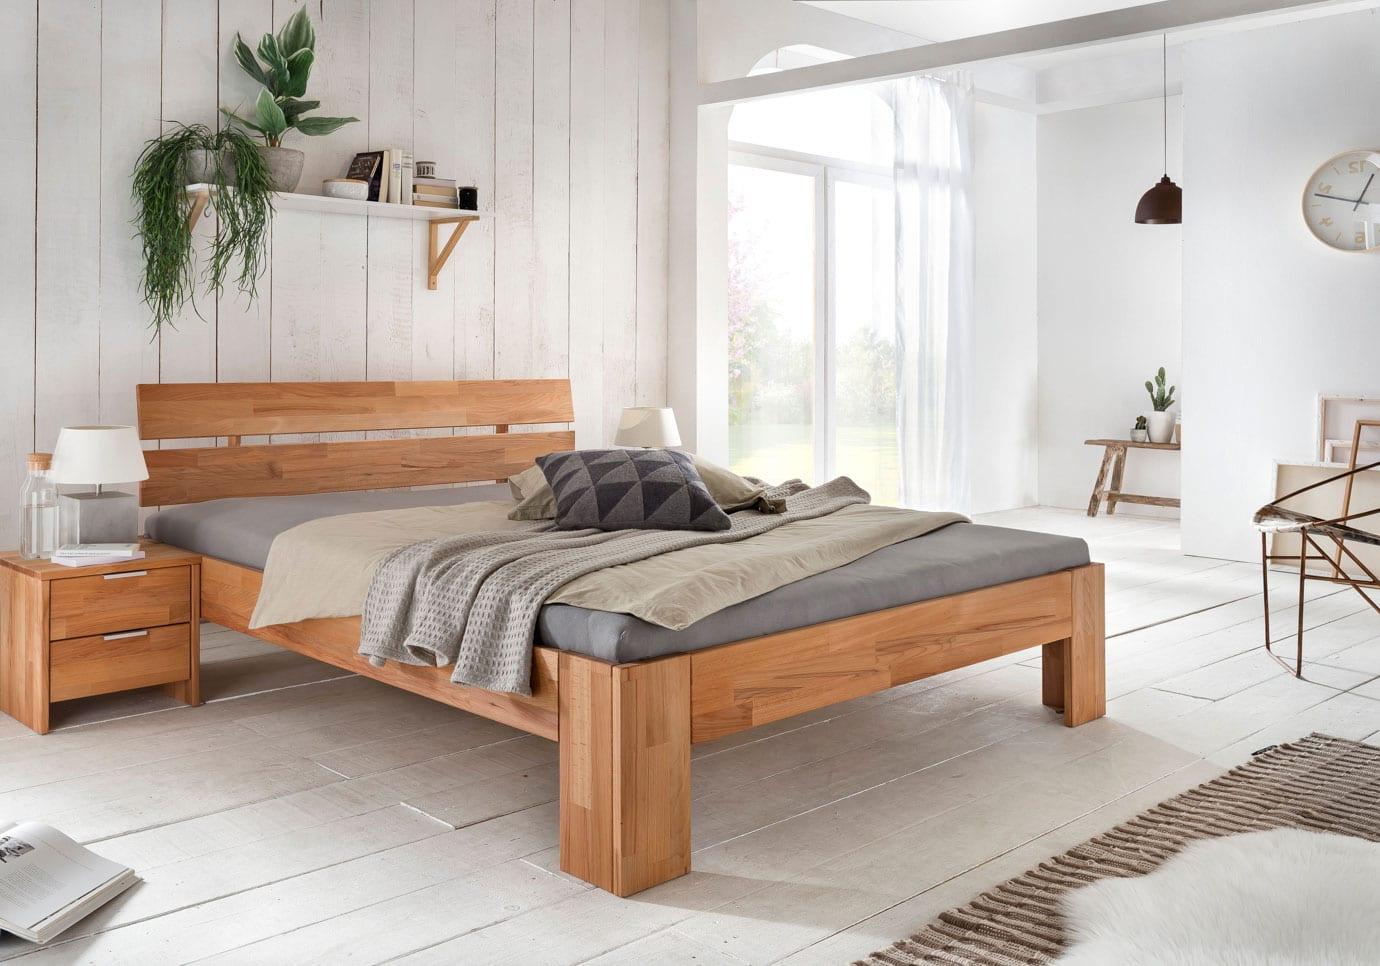 Massivholzbett: Stilvolle Schlafzimmereinrichtung mit ...